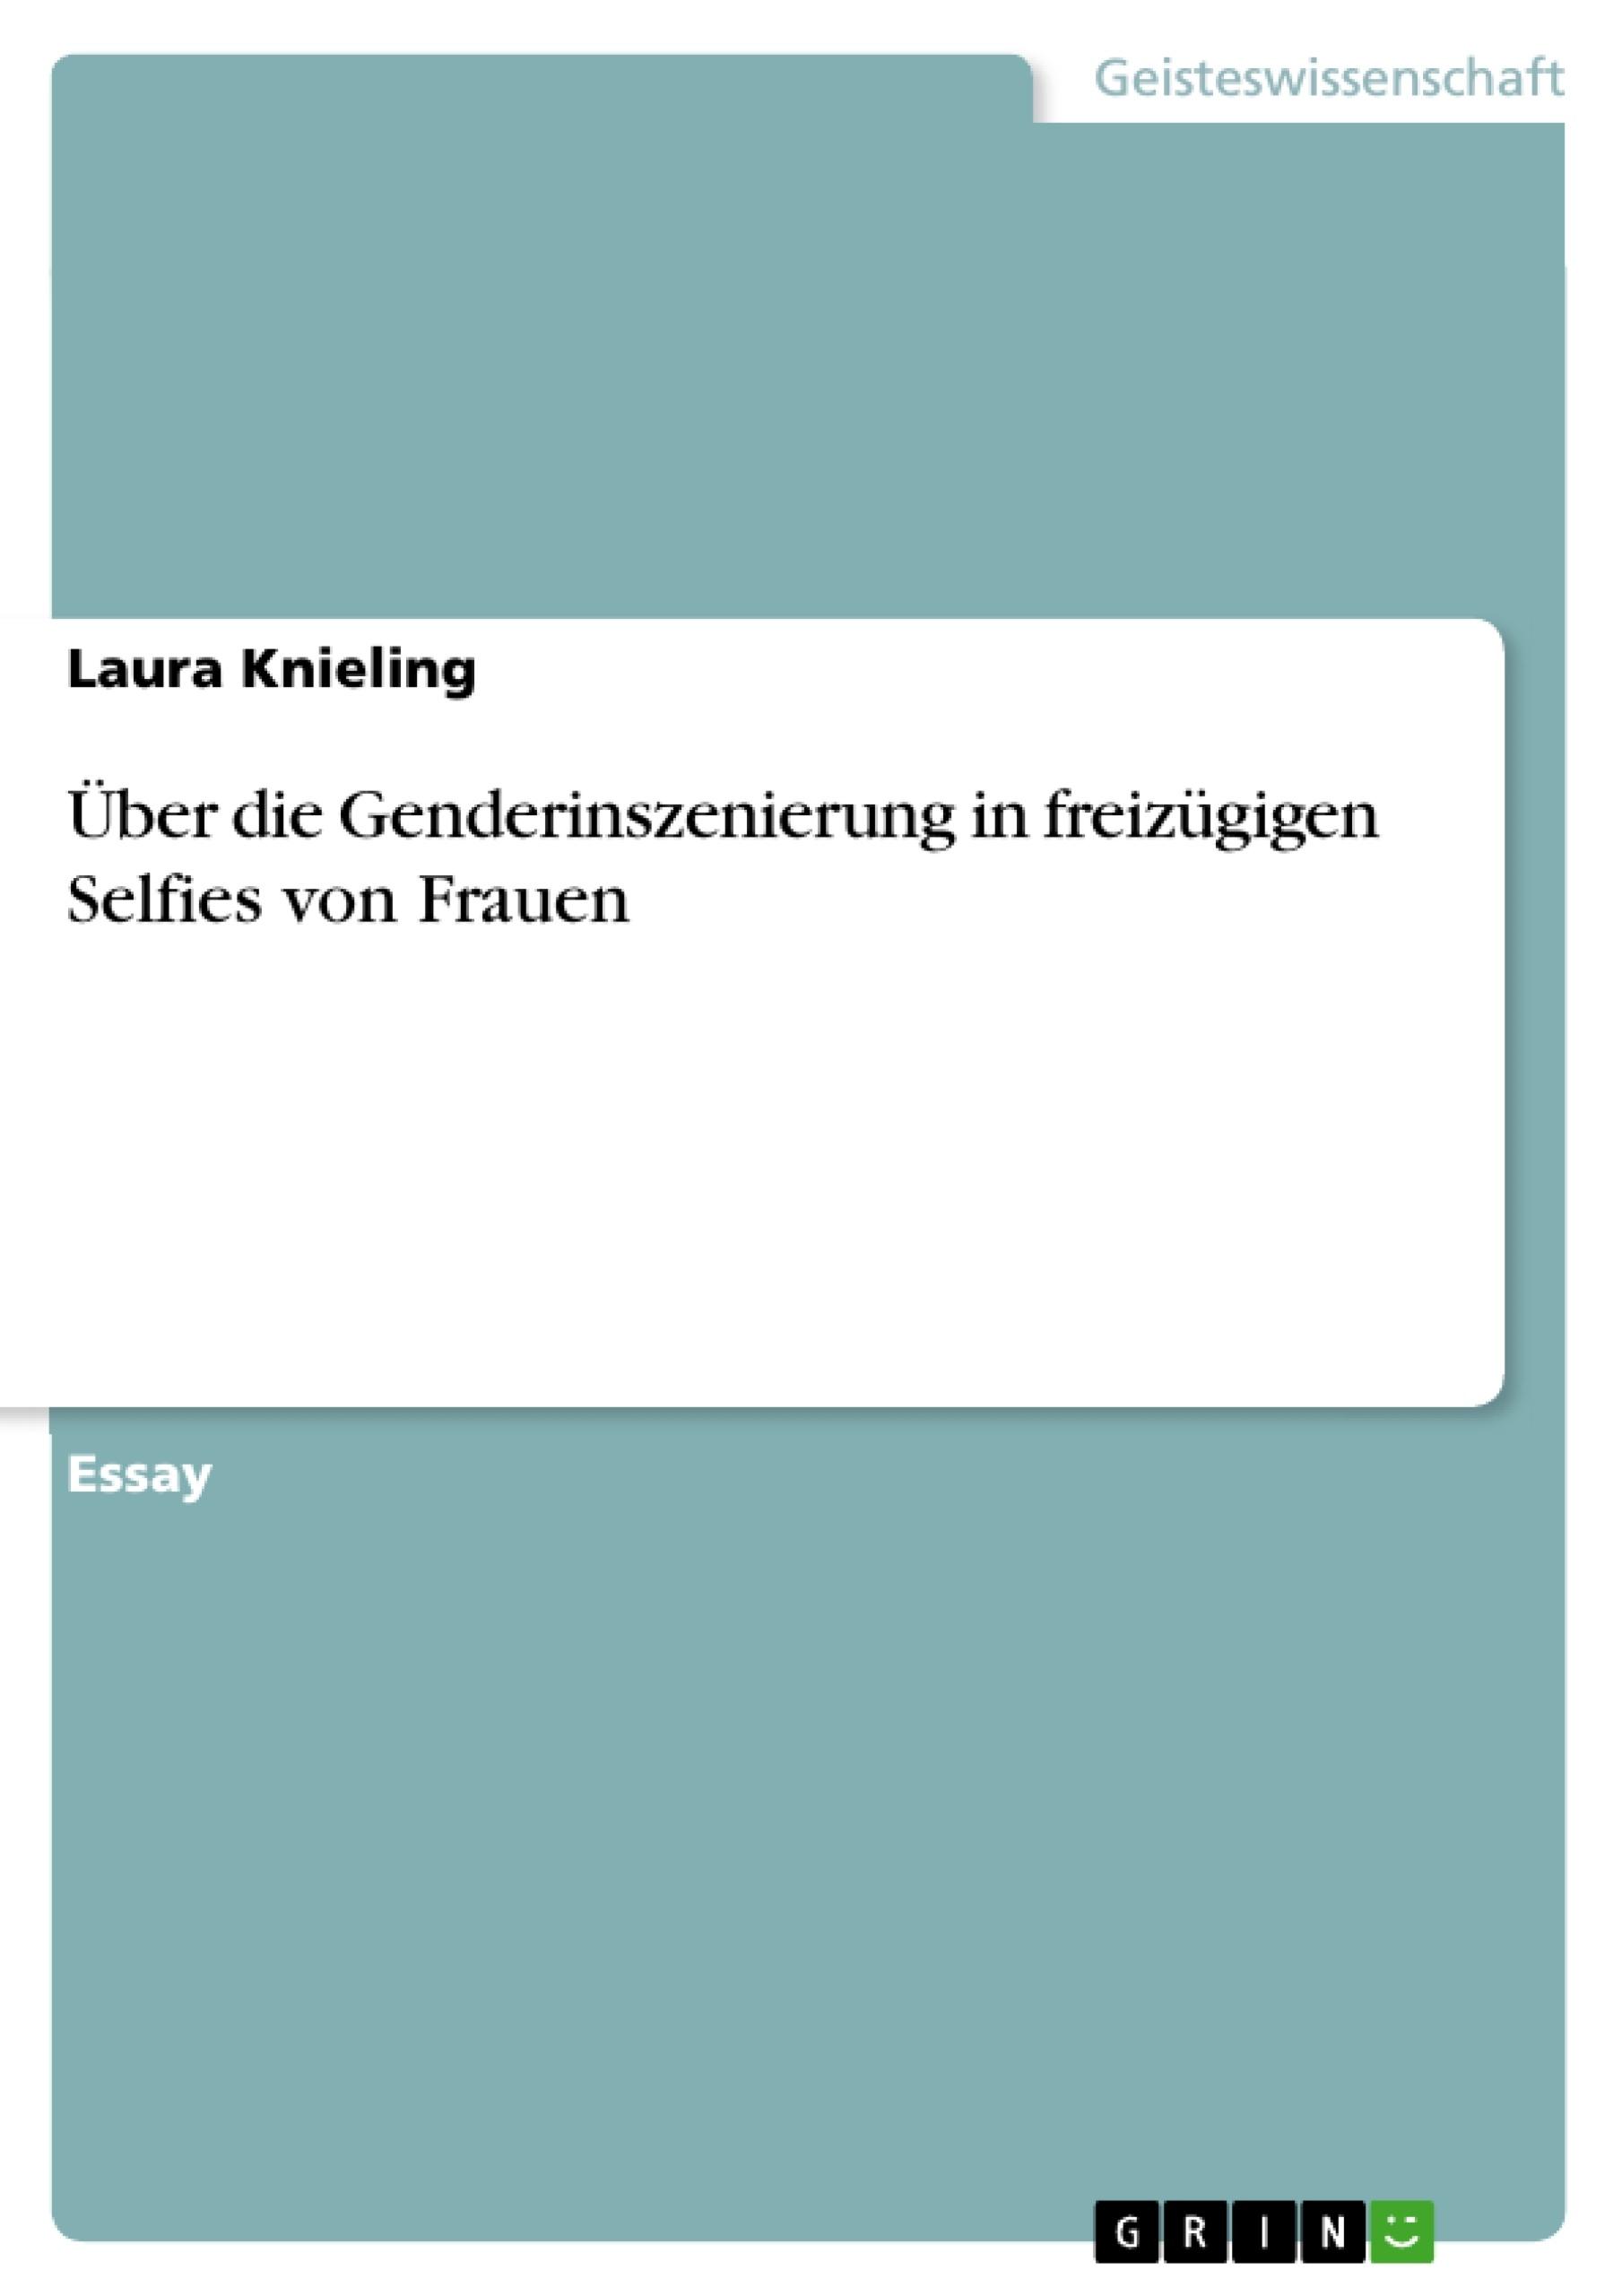 Titel: Über die Genderinszenierung in freizügigen Selfies von Frauen